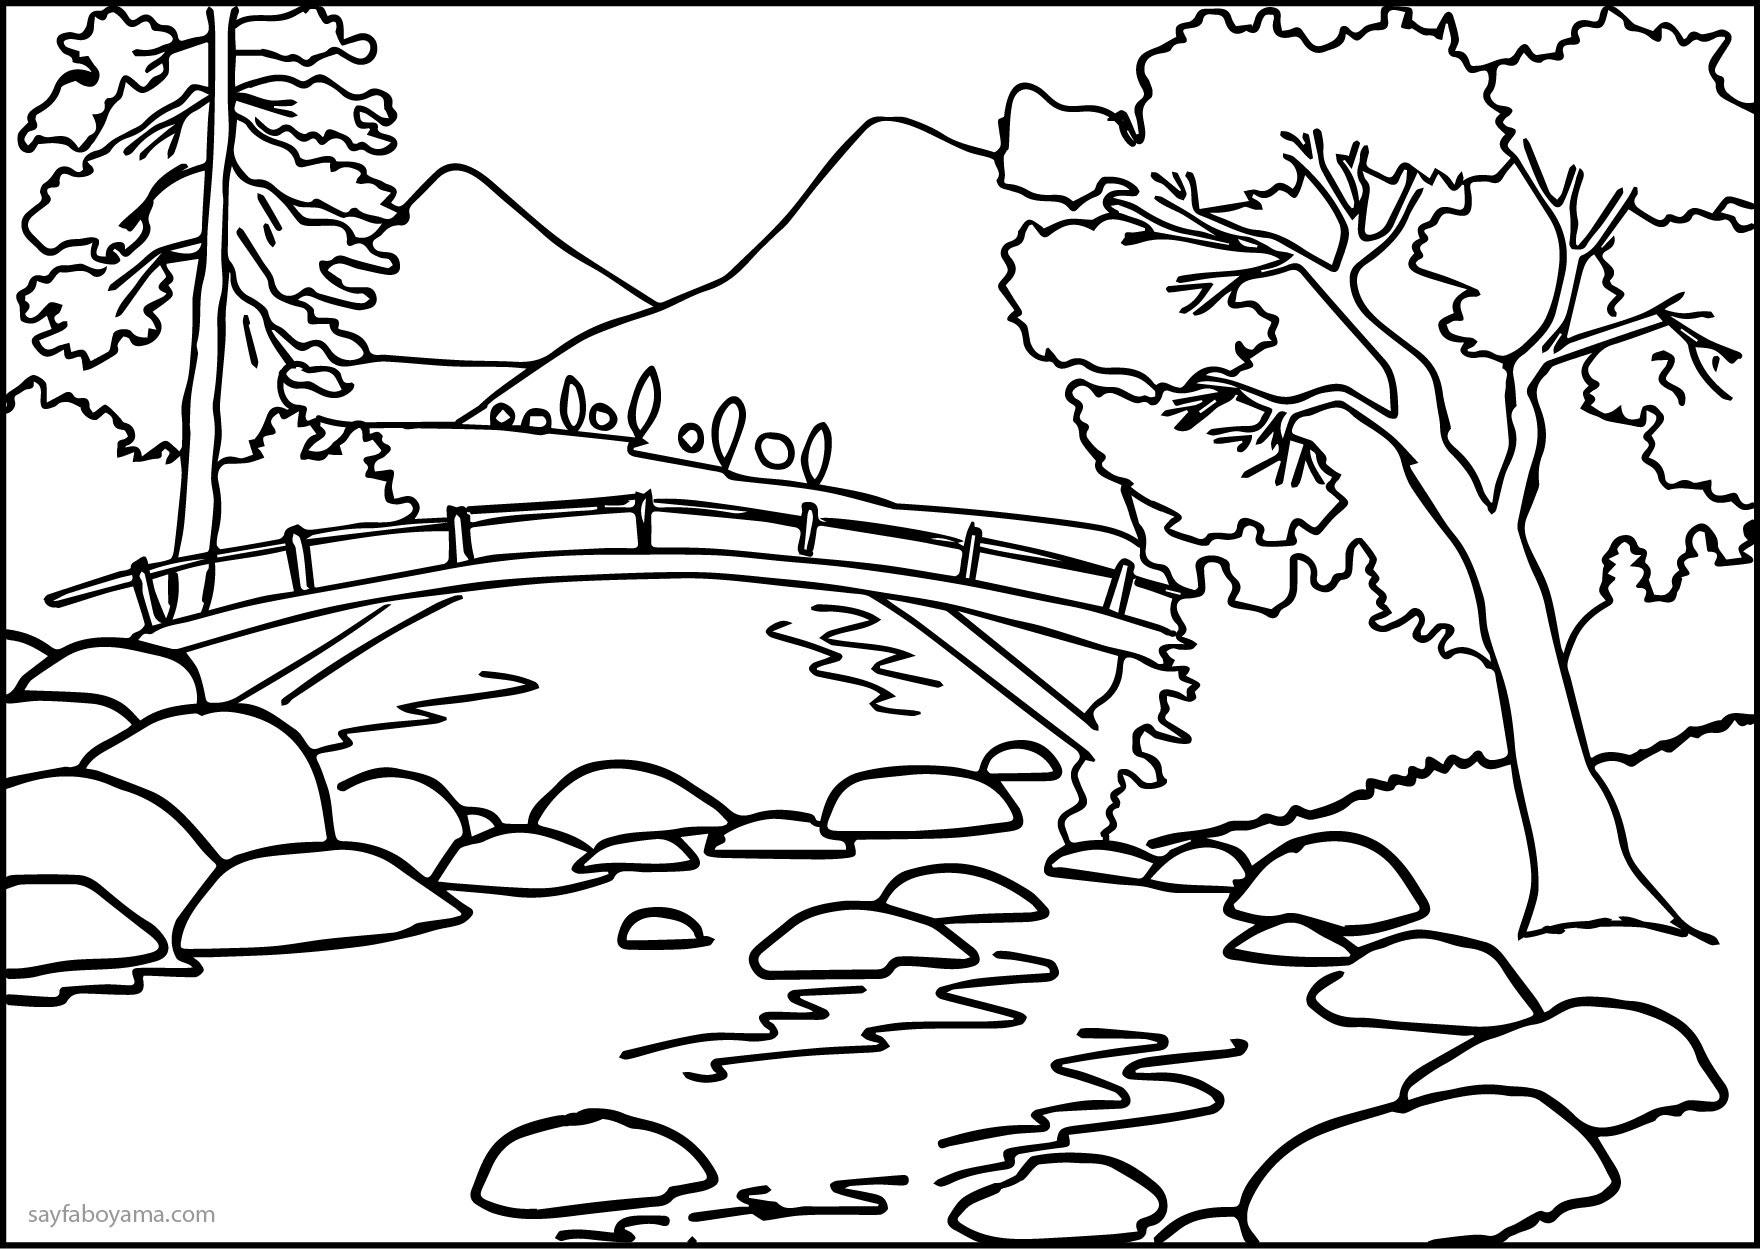 Güzel Nehirli Boş Doğa Manzarası Boyama Sayfası